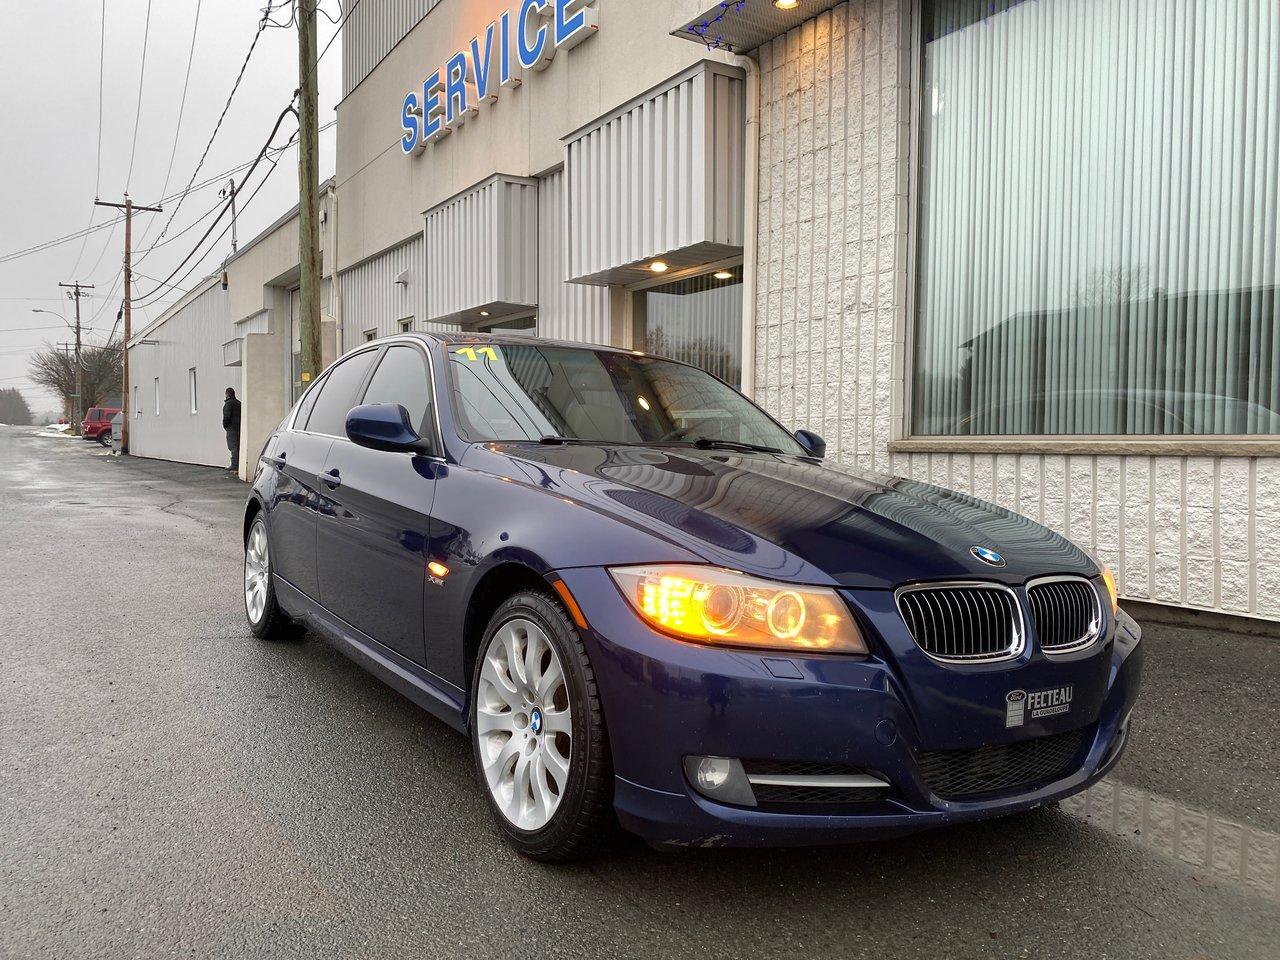 2011 BMW  Série 3 335i xDrive